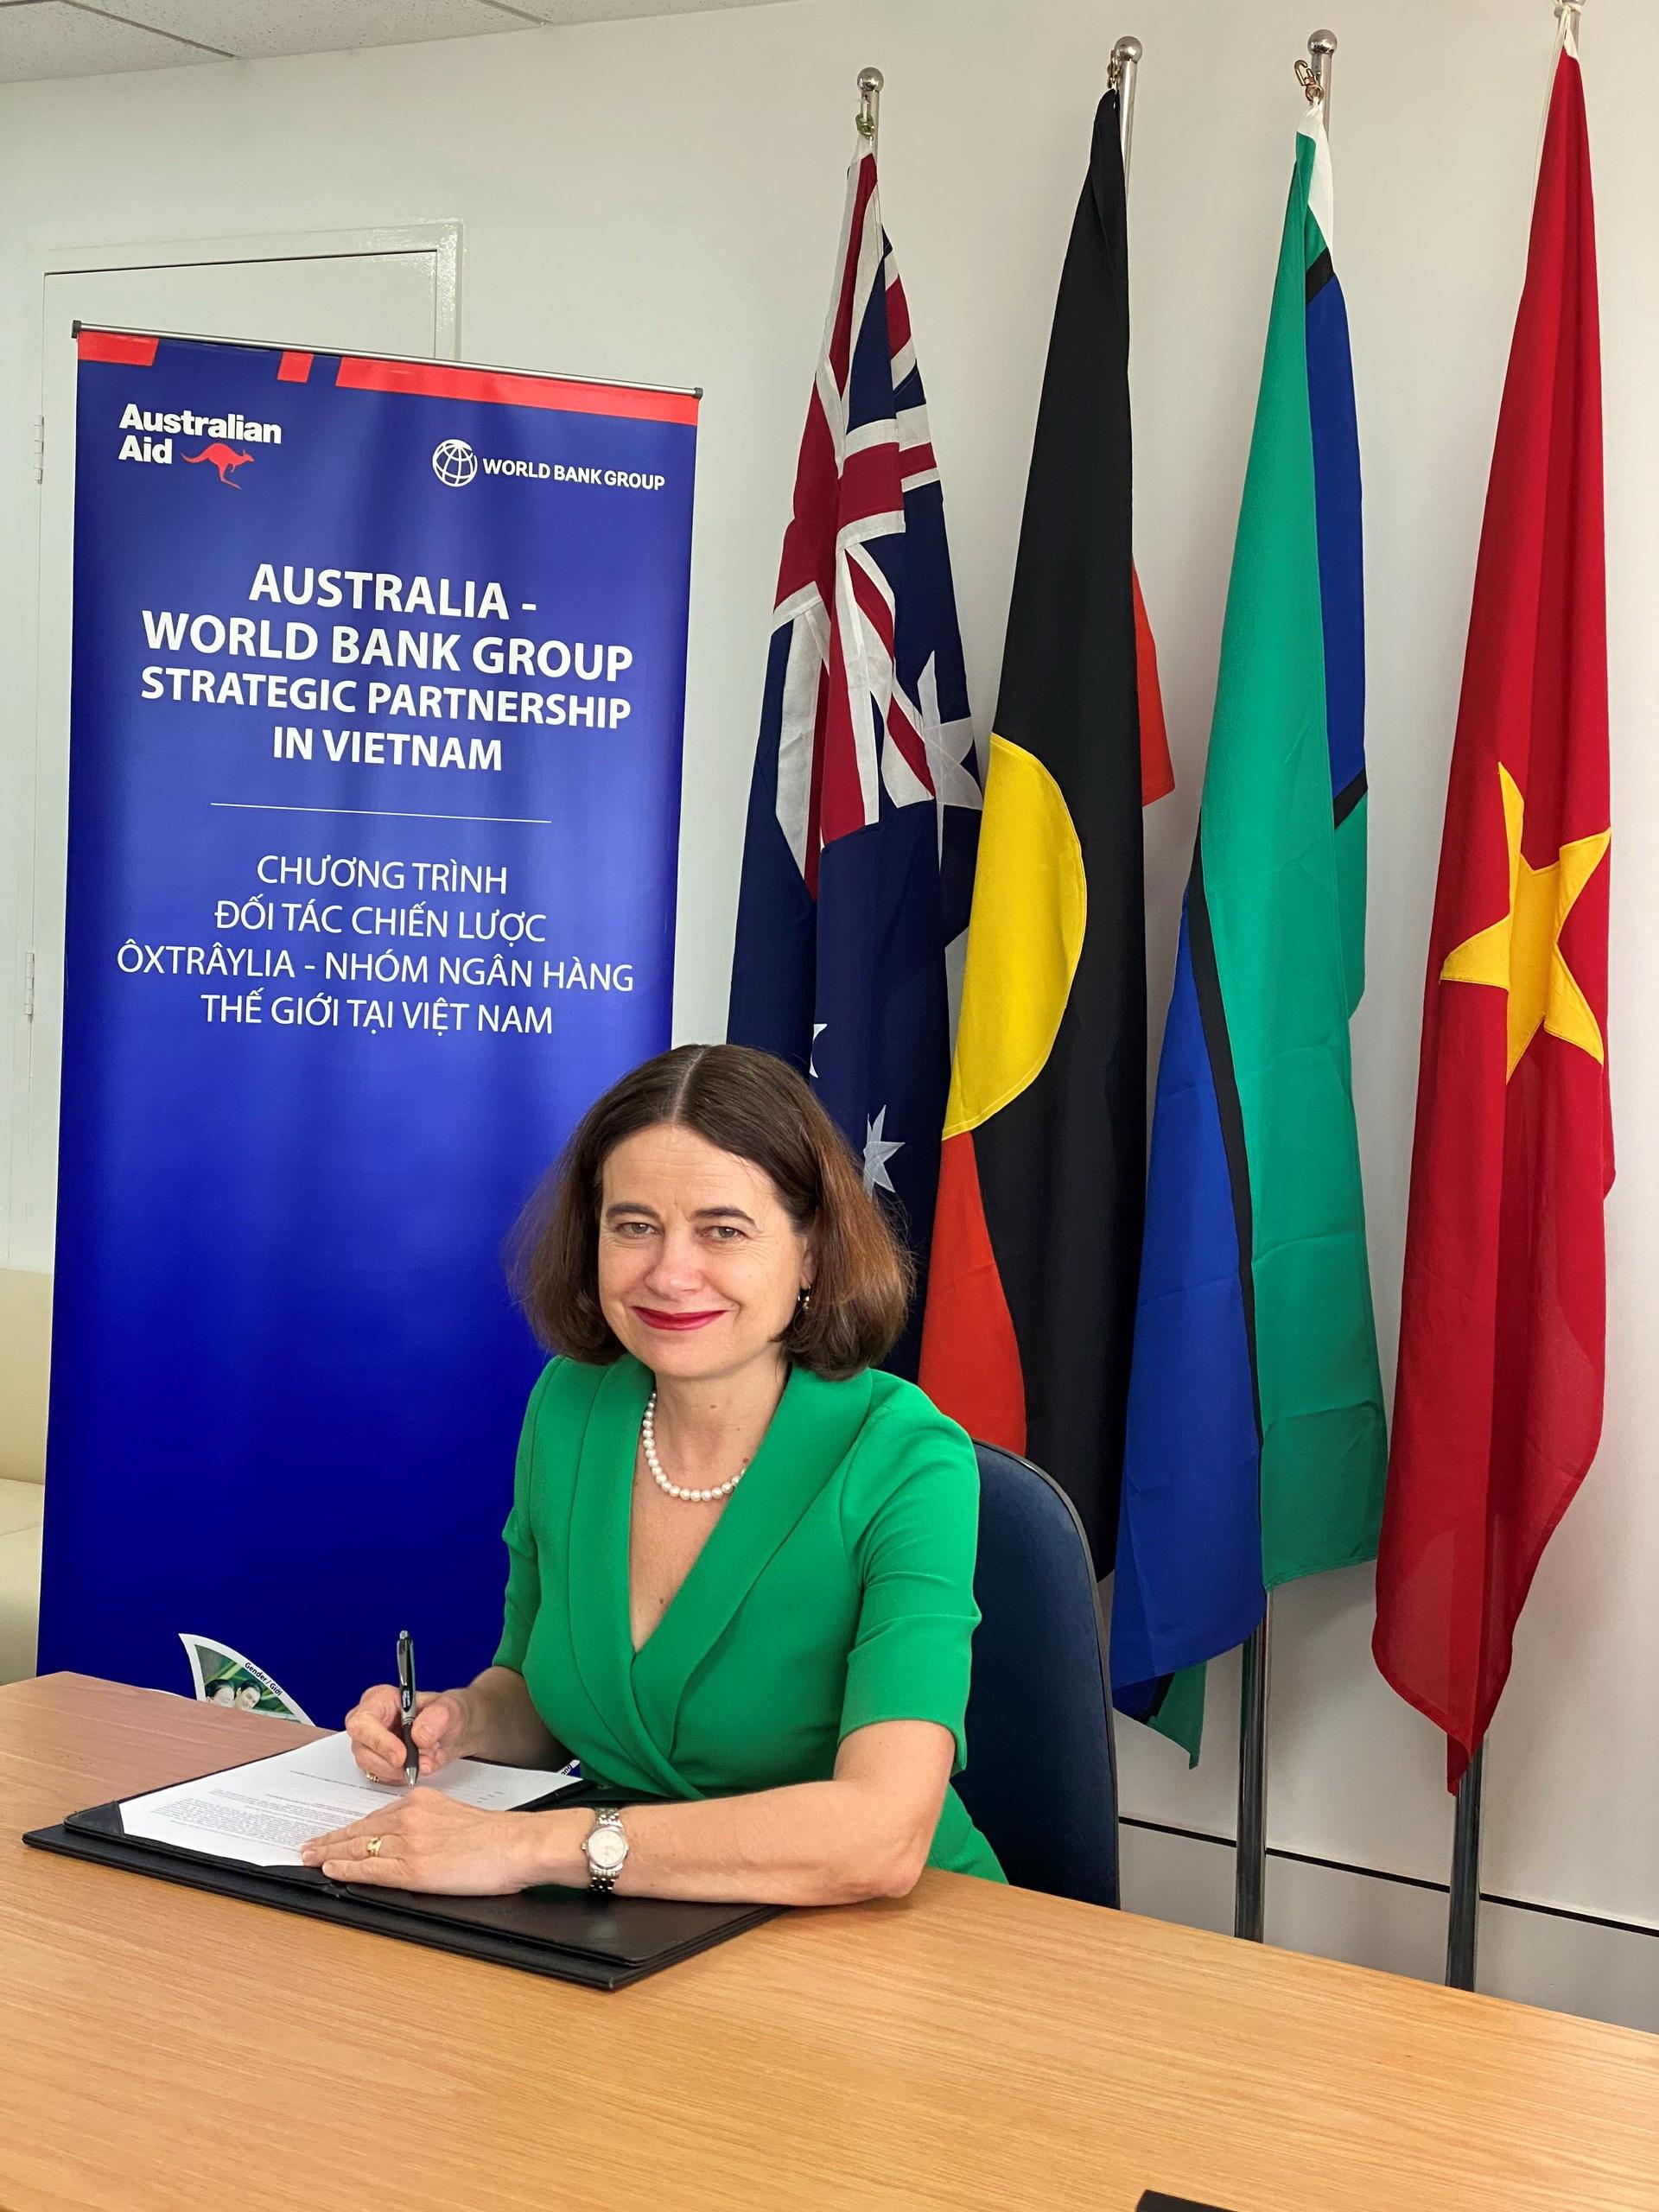 Chính phủ Australia và Nhóm Ngân hàng Thế giới Hỗ trợ Việt Nam Thúc đẩy Chương trình Phát triển